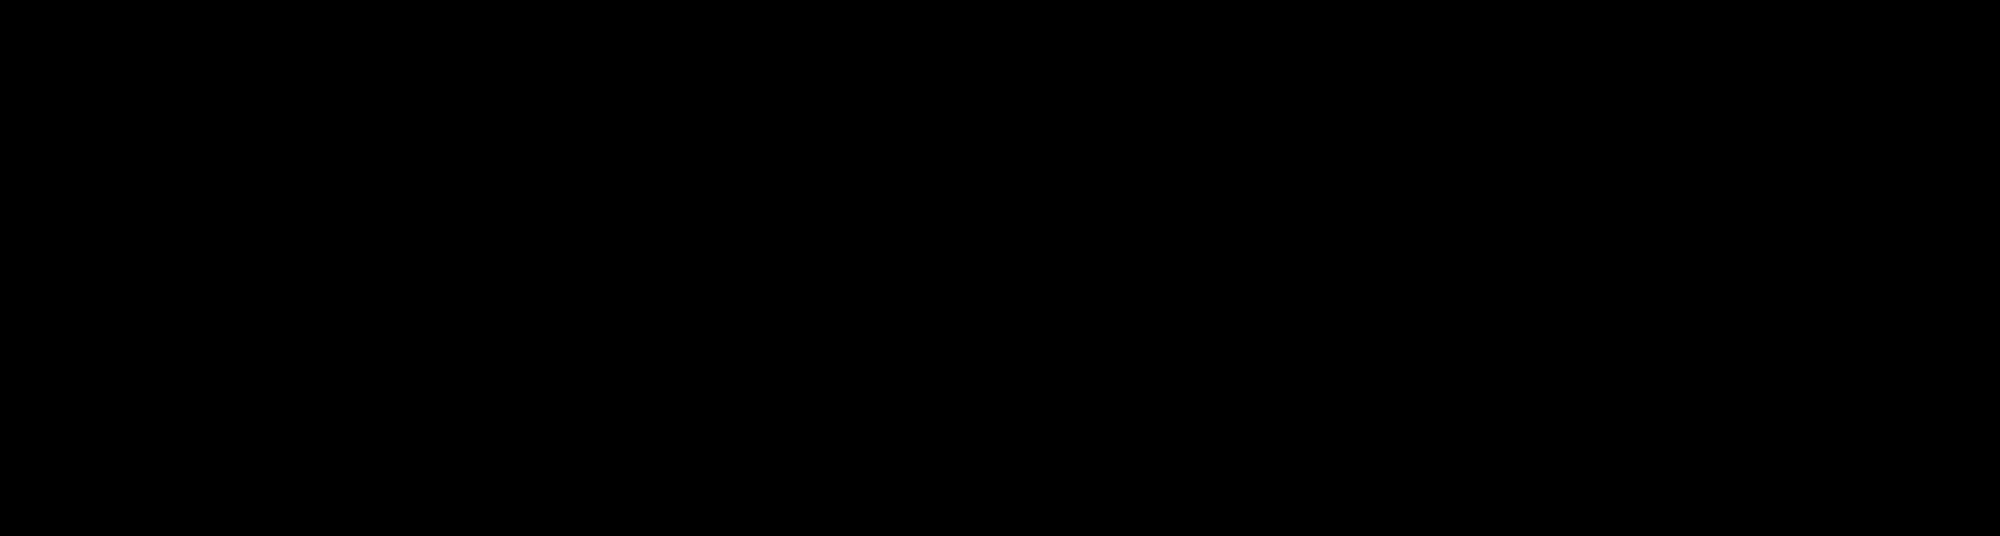 BLACK-FOODIE-logo.png